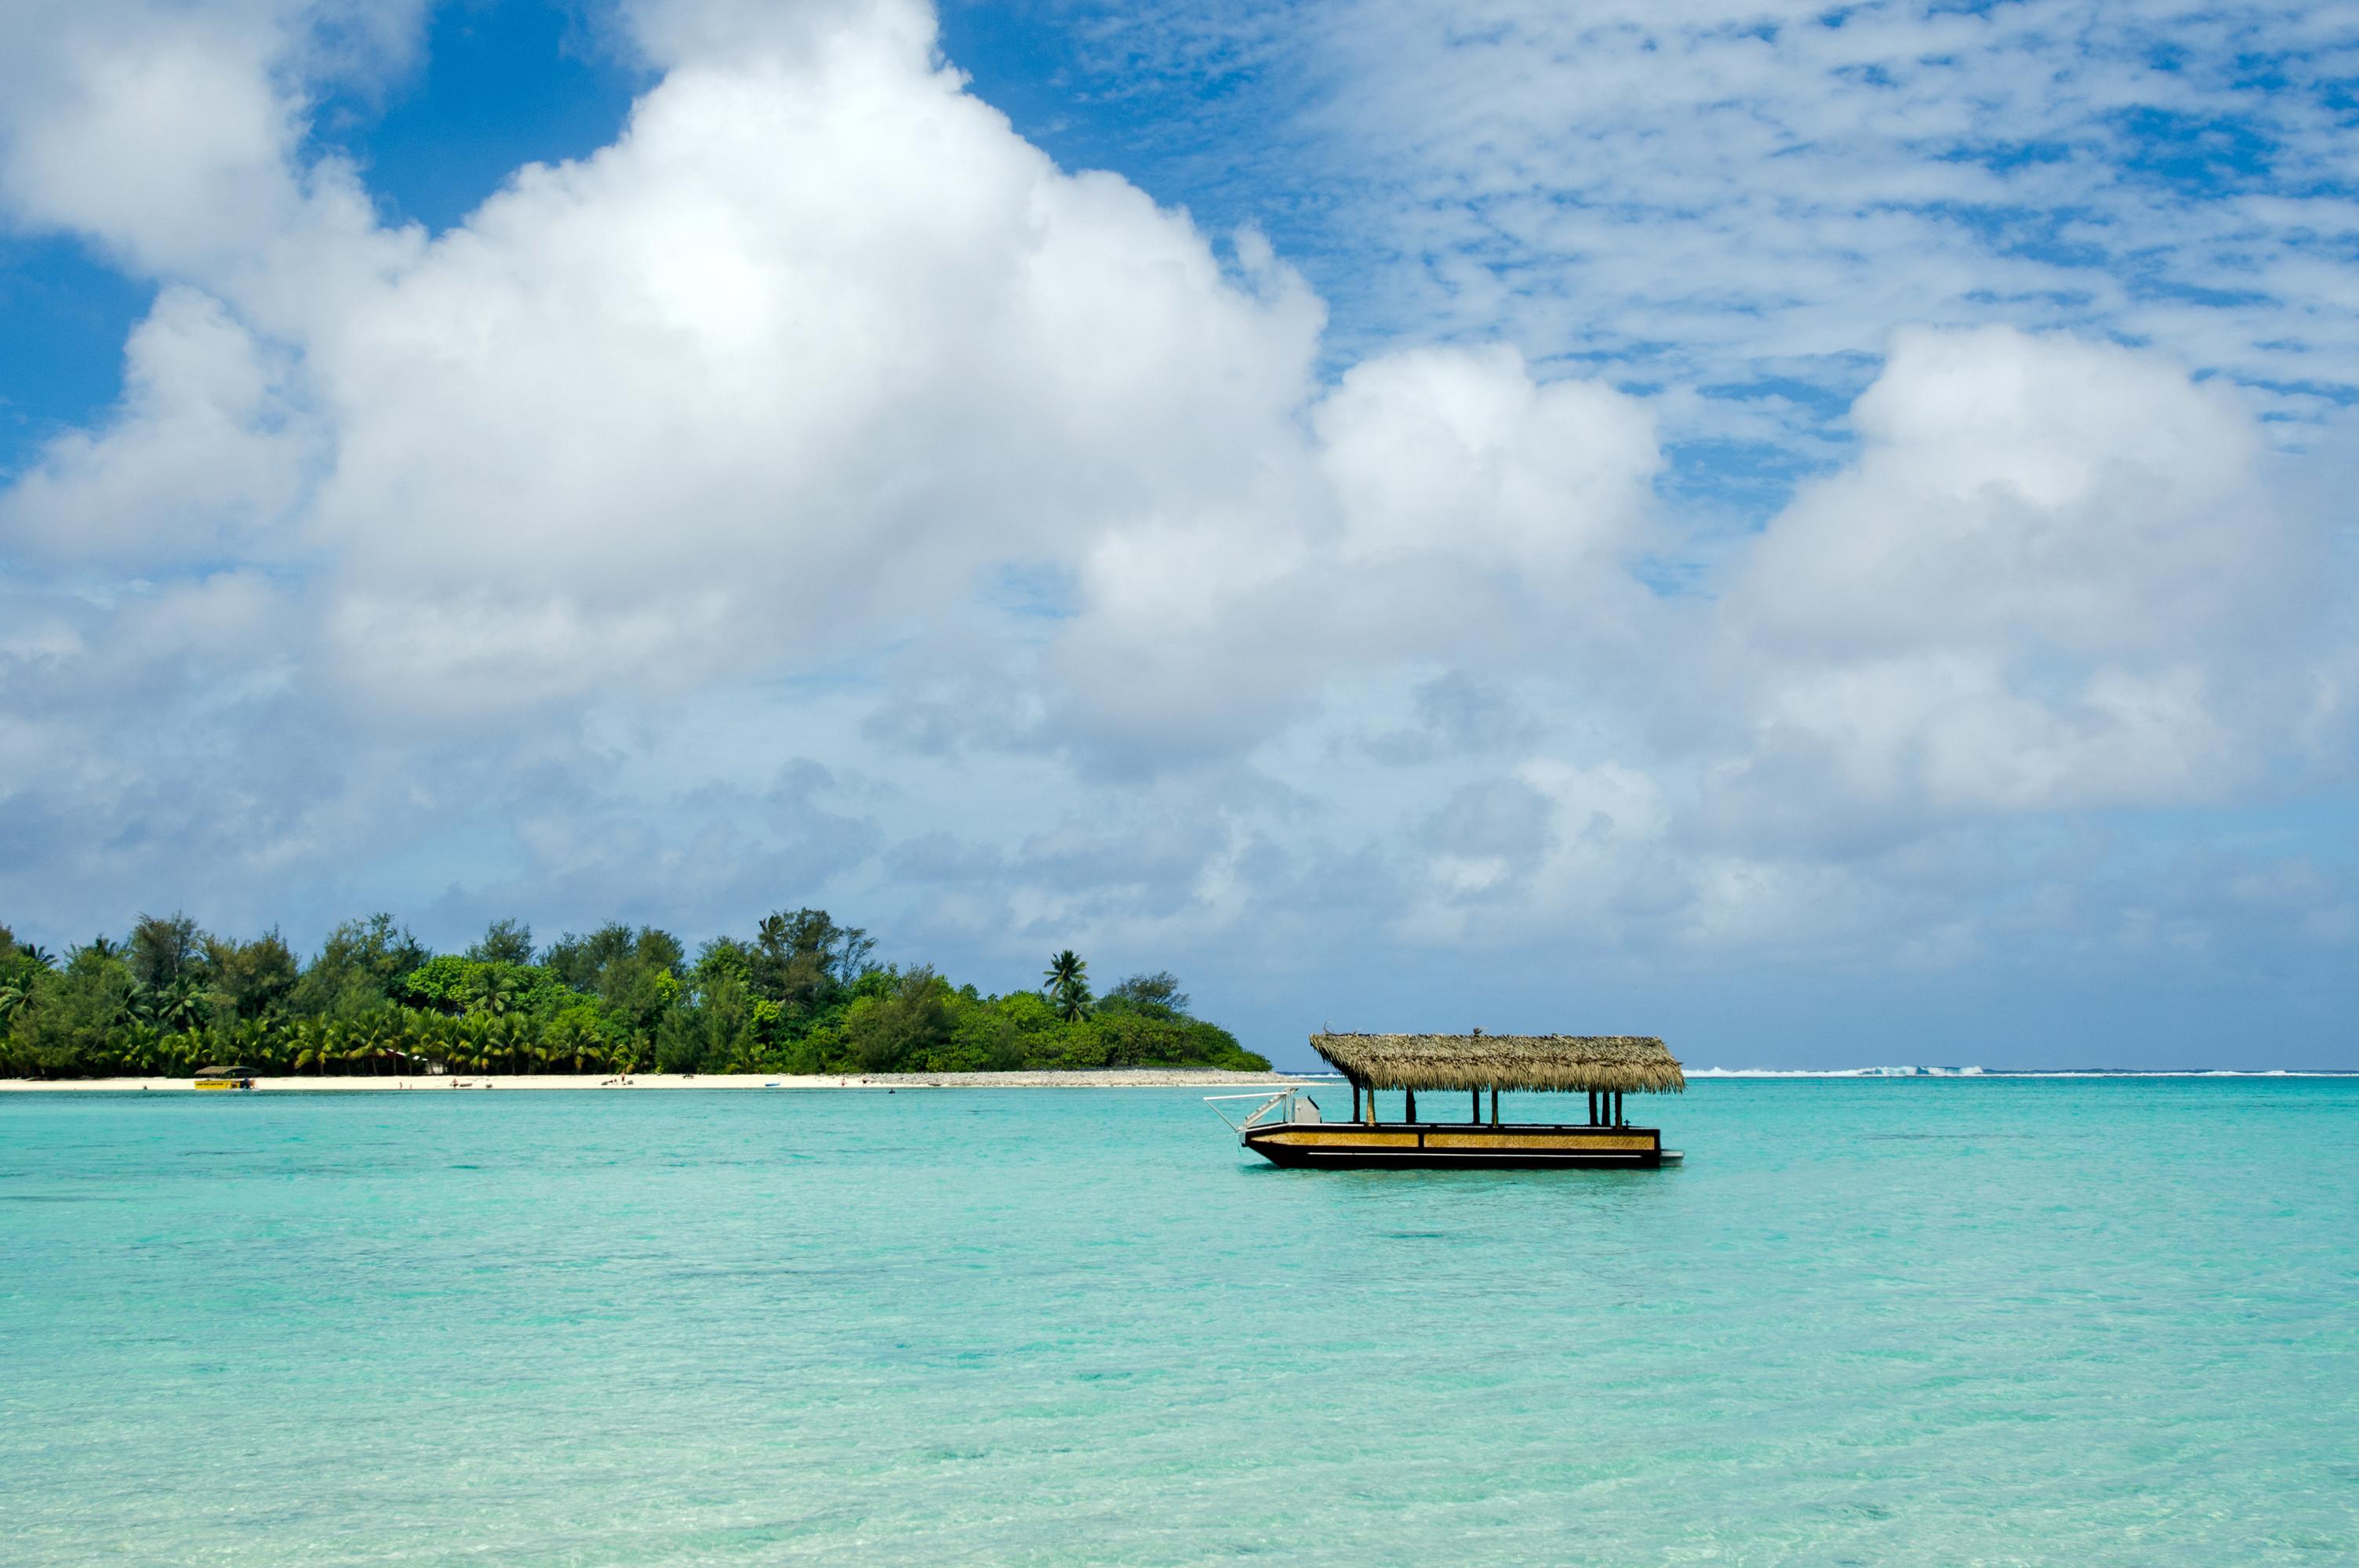 Si lo que se busca es nadar en las aguas cristalinas color turquesa de una laguna mientras los picos montañosos enmarcan el cielo azul, Muri Beach, ubicada en las Islas Cook, es el destino tropical perfecto. Además de ser la indicada para nadar, pasear en bote y relajarse, sus playas ofrecen las condiciones ideales para el buceo, el esnórquel, la pesca en alta mar y el kite surf